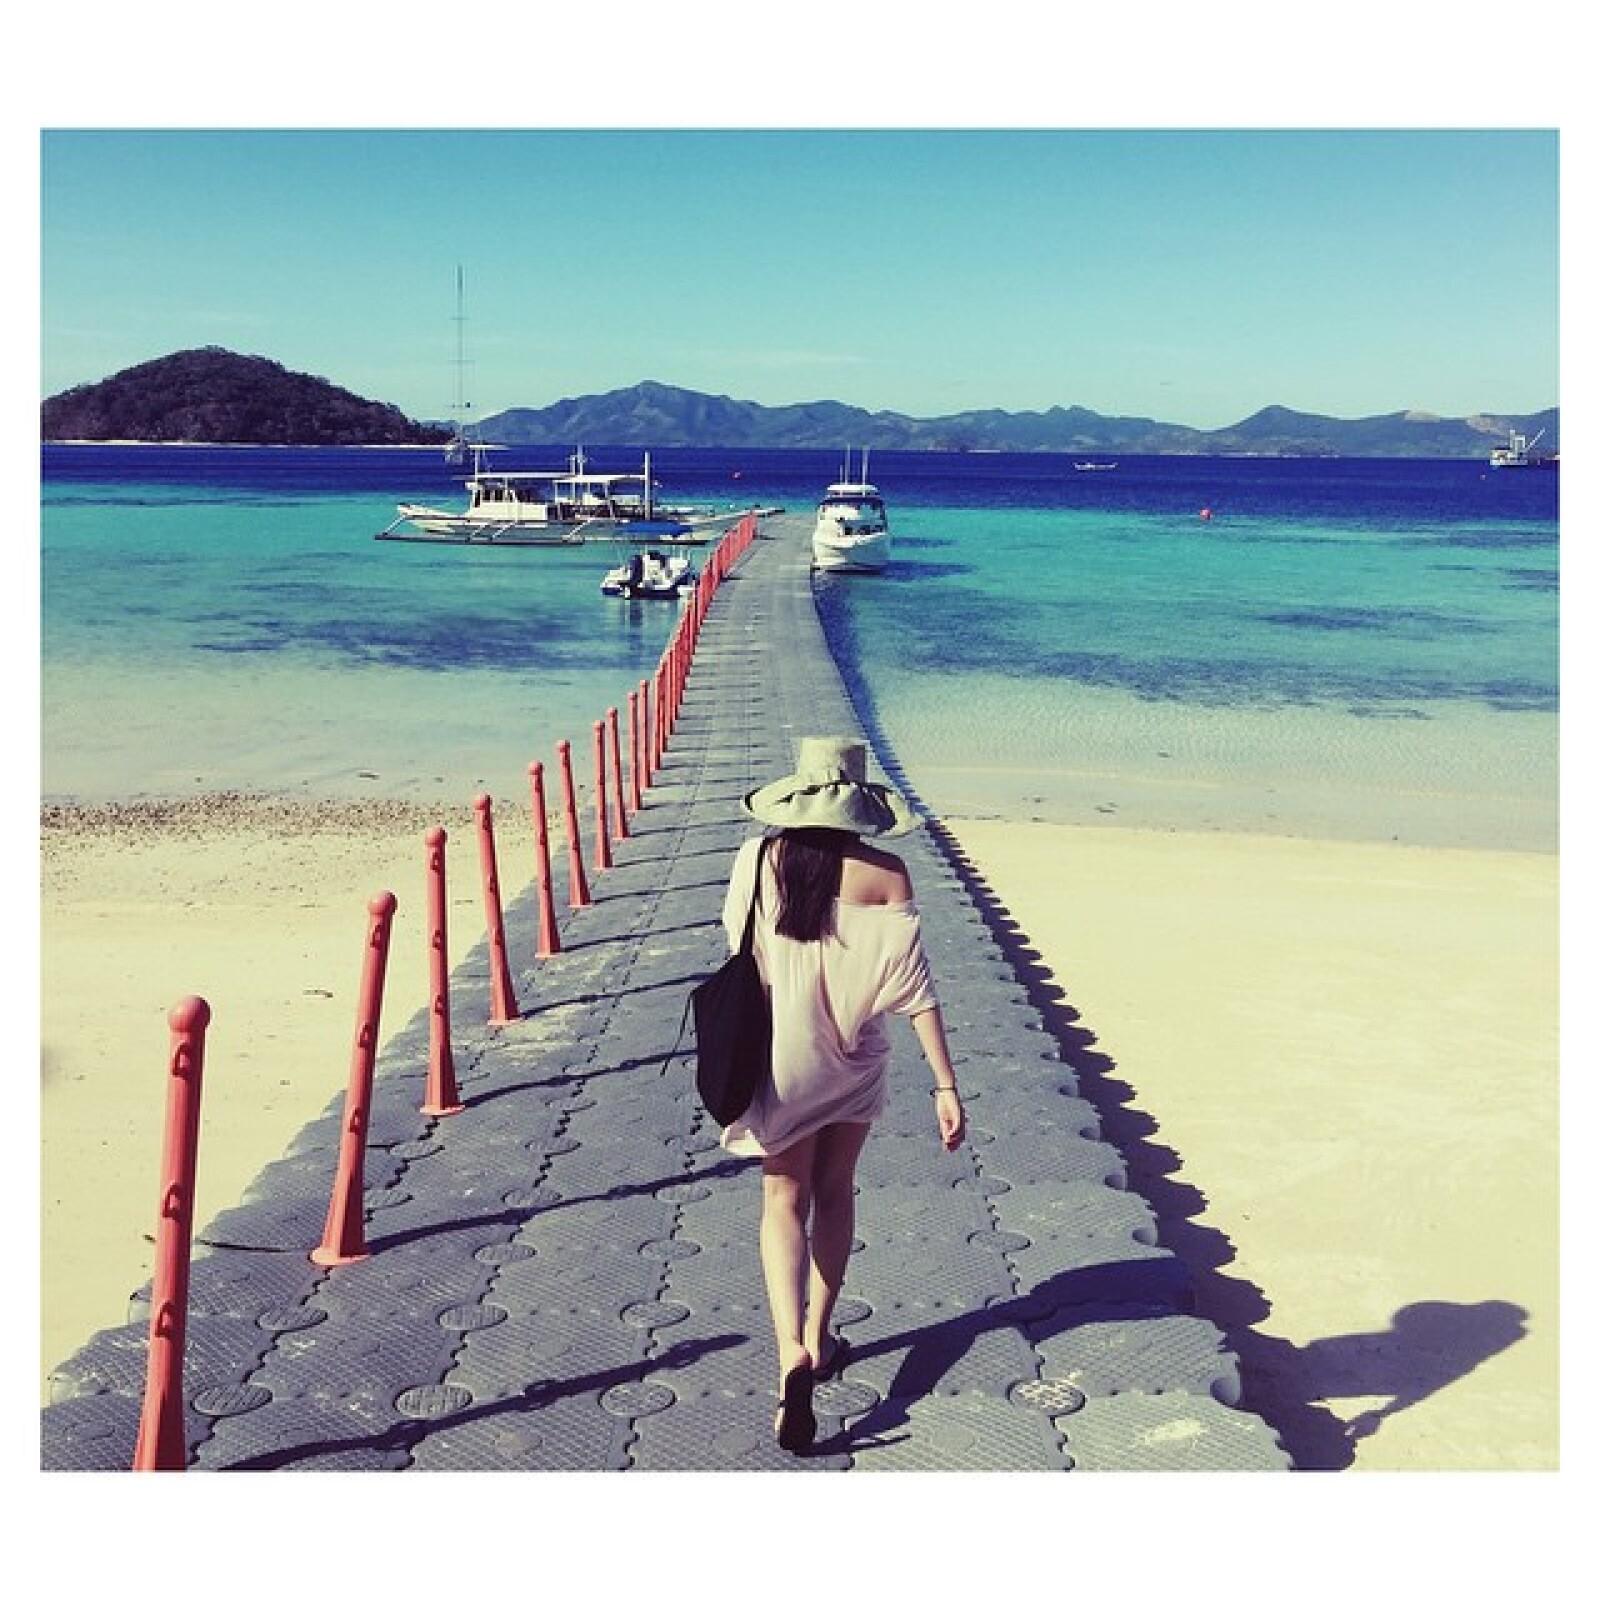 En los muelles de la Isla Coron, en Filipinas.